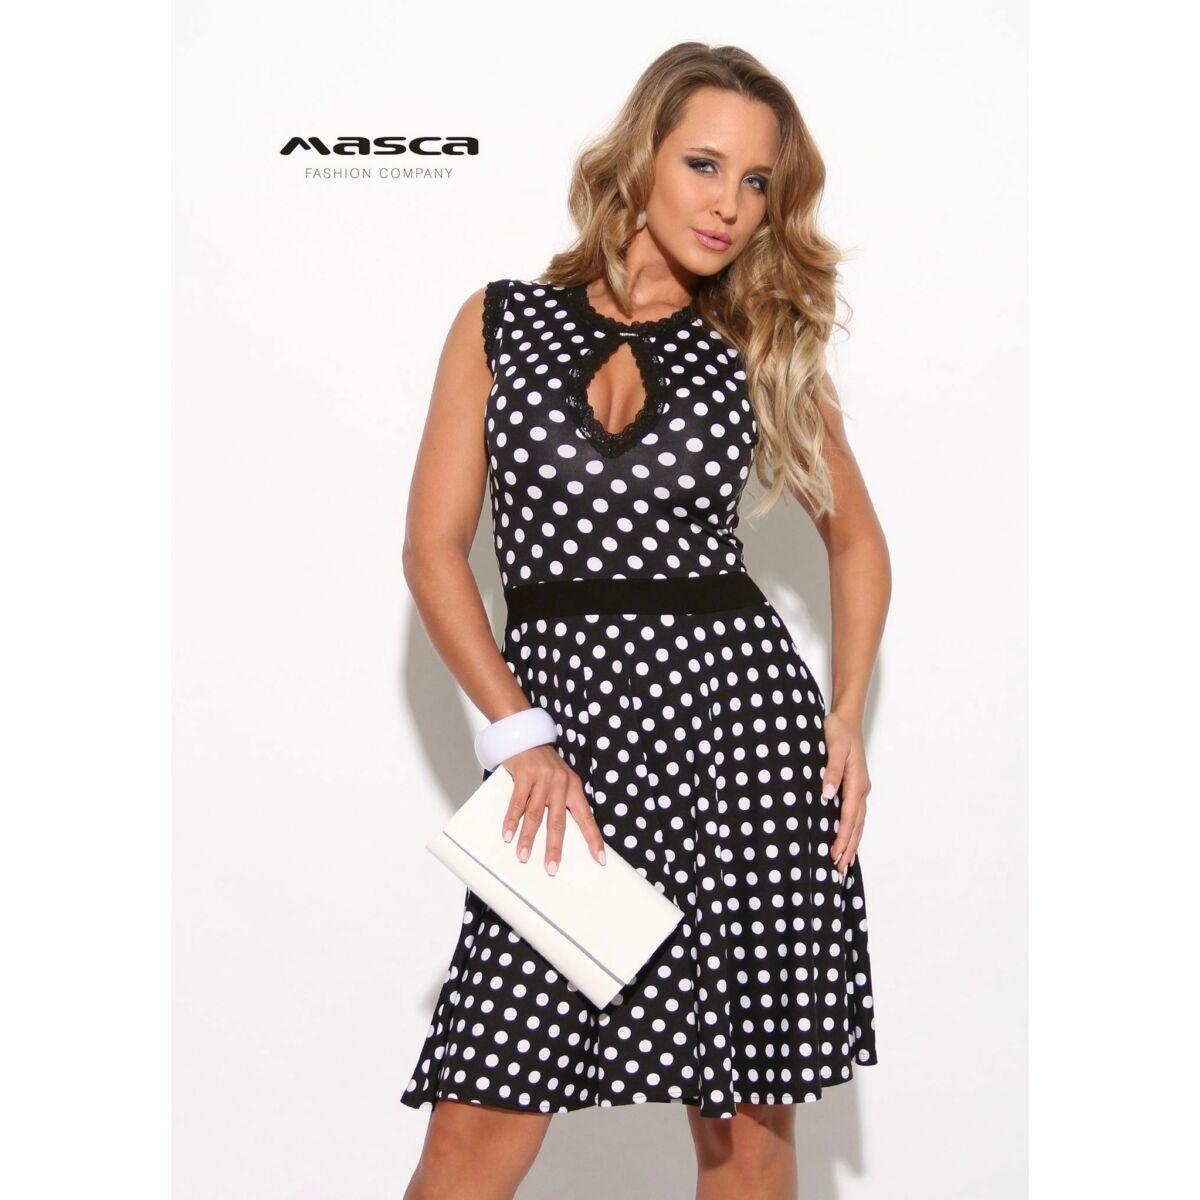 d554160300 Masca Fashion csepp-kivágott fekete-fehér pöttyös loknis alkalmi miniruha